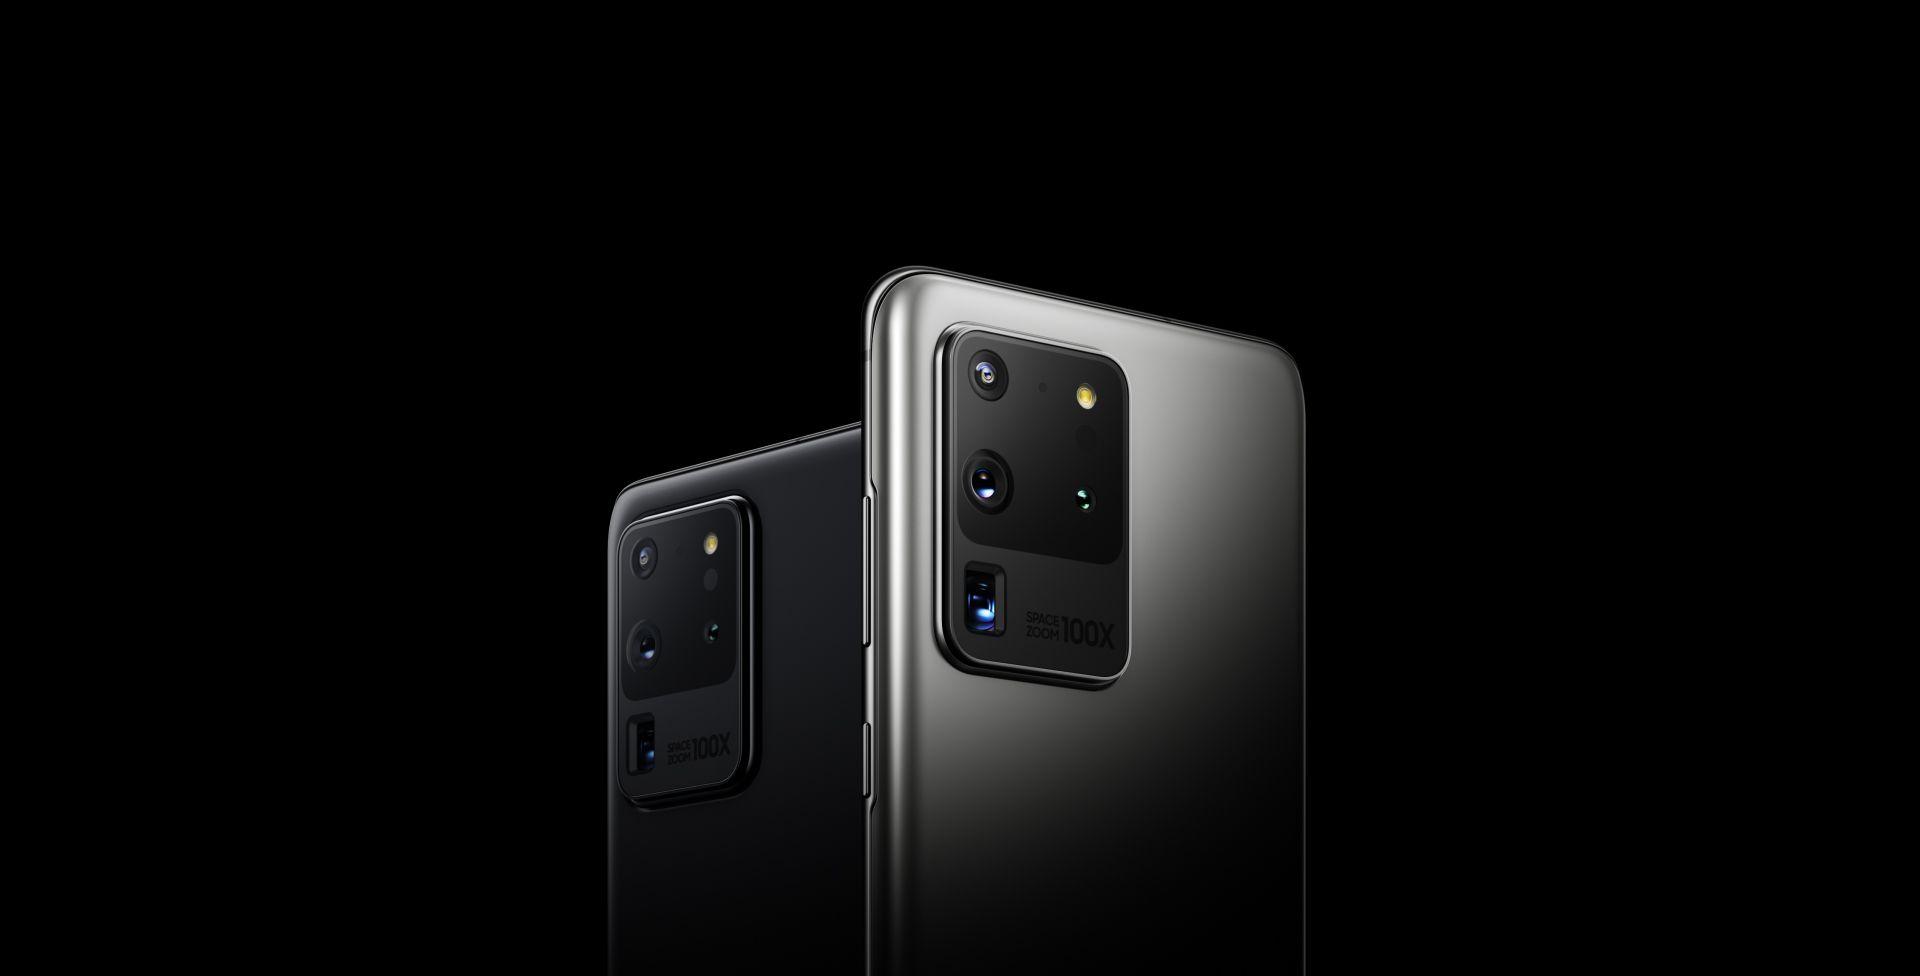 گوشی موبایل سامسونگ S20 از هماکنون در سرندکالا موجود میباشد.